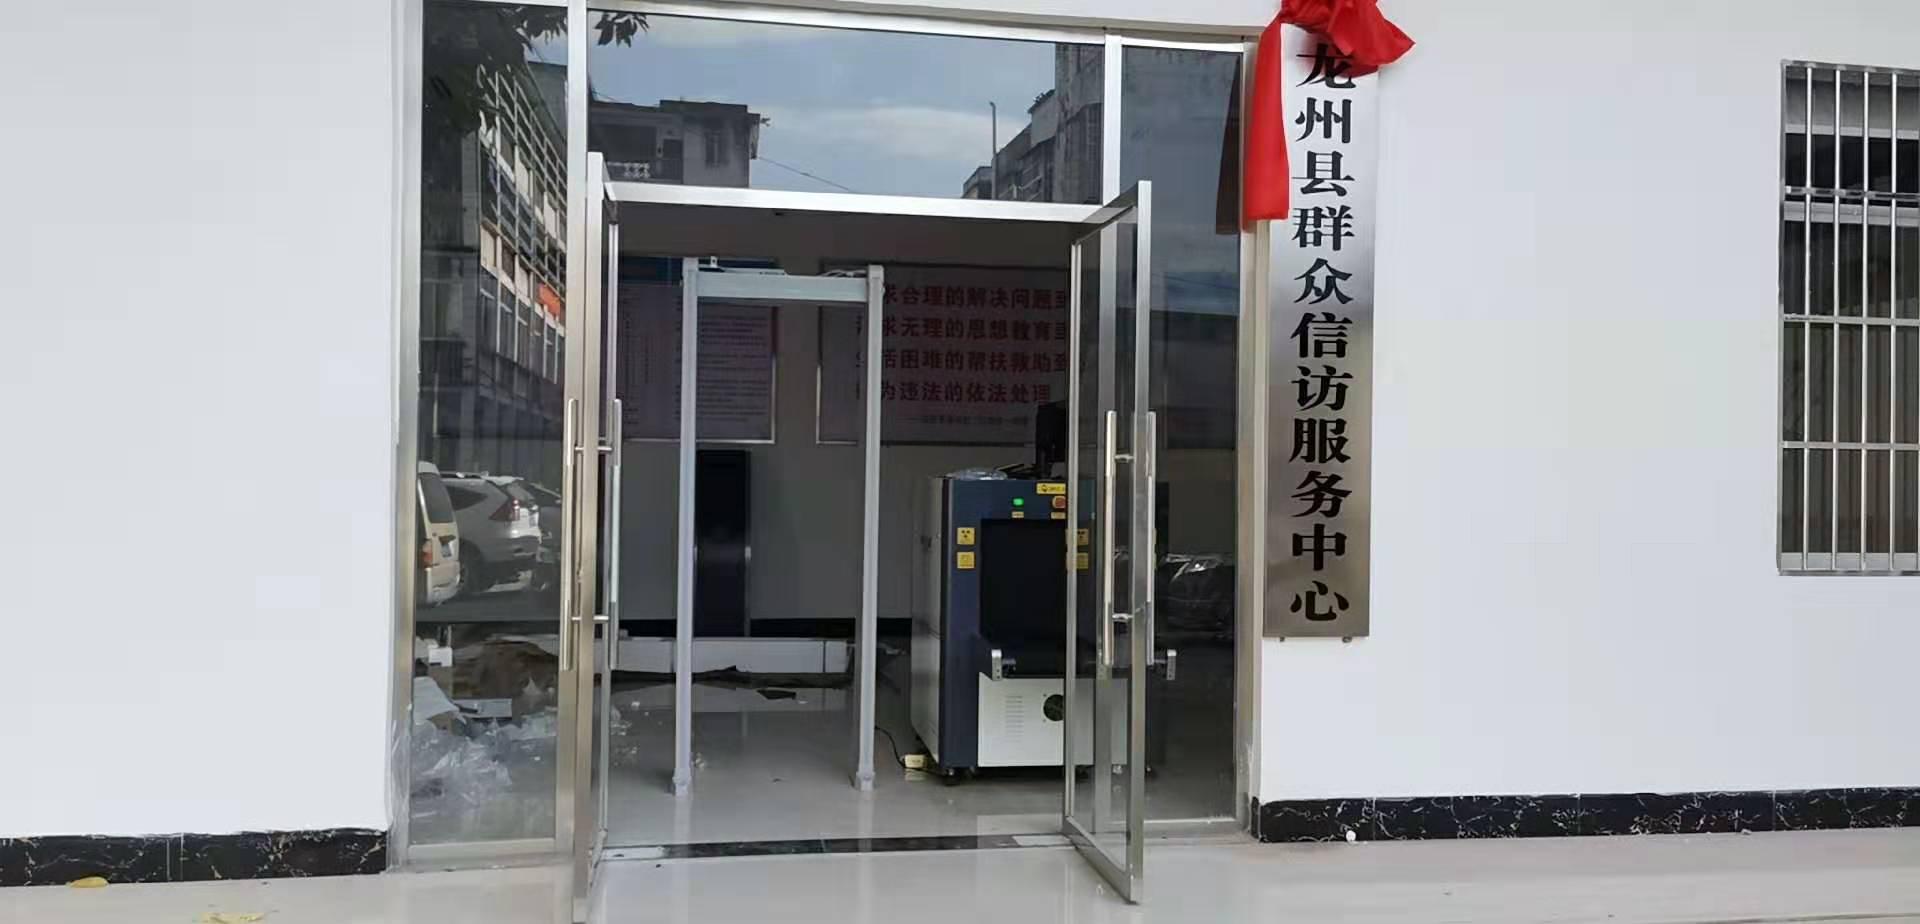 信访局安检机